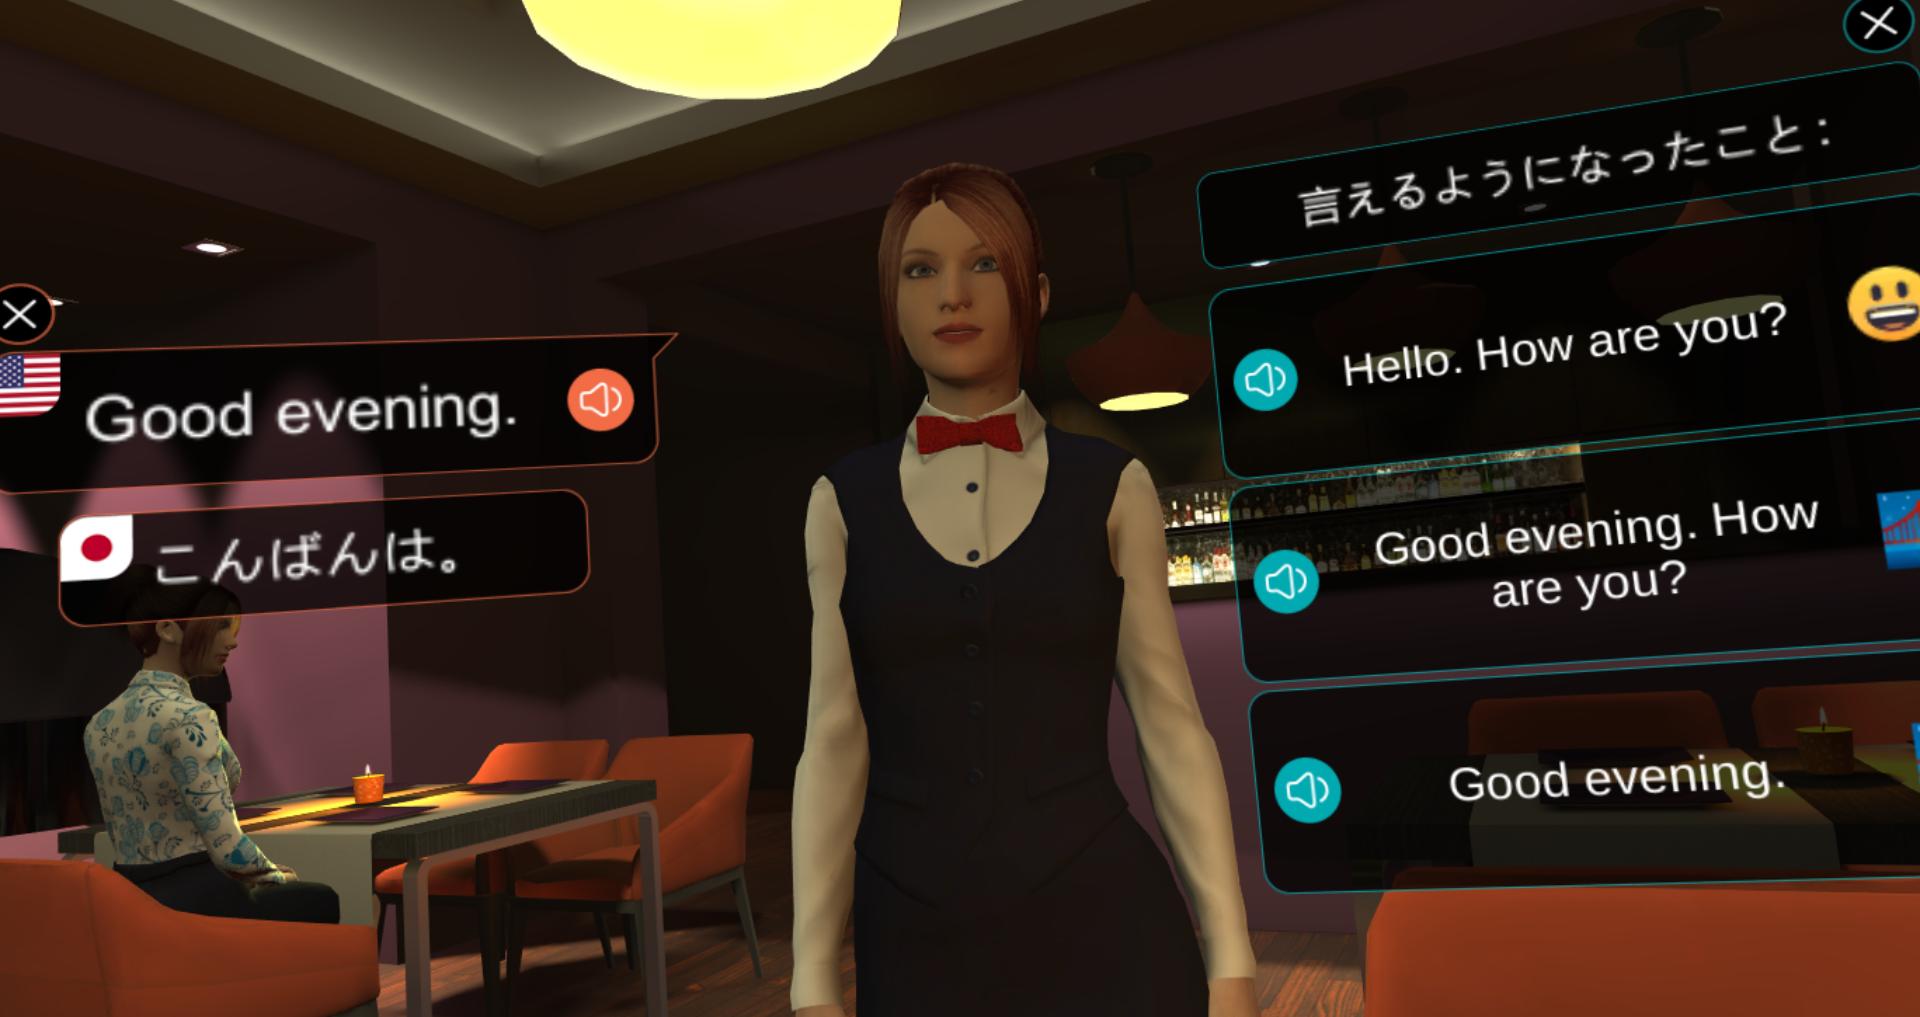 【Mondly VR】はOculus Quest2でもプレイできる?